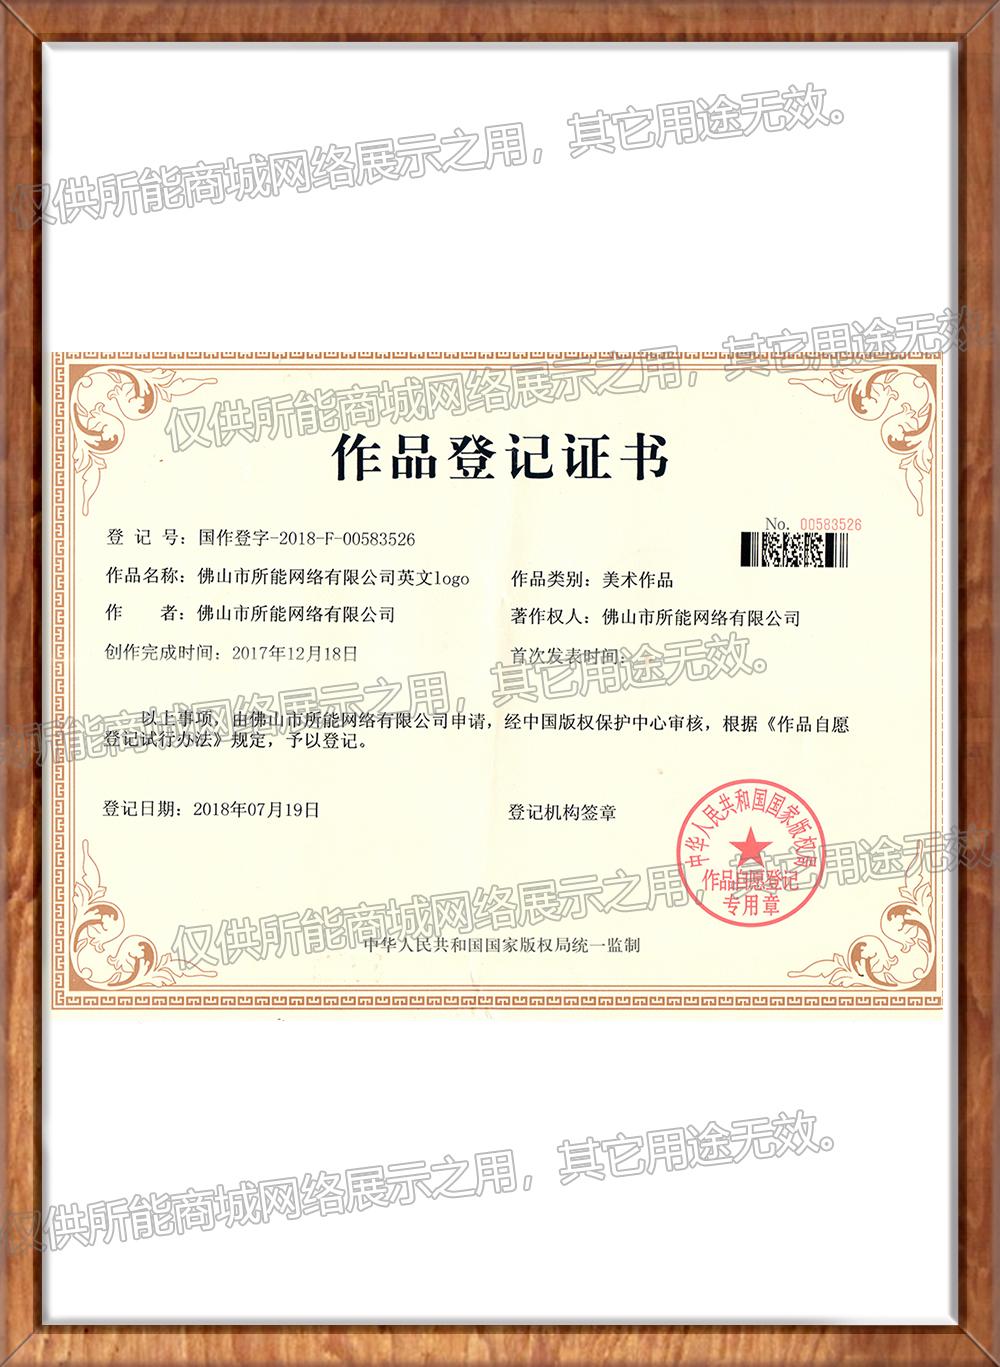 《佛山市所能网络有限公司英文logo》作品登记证书